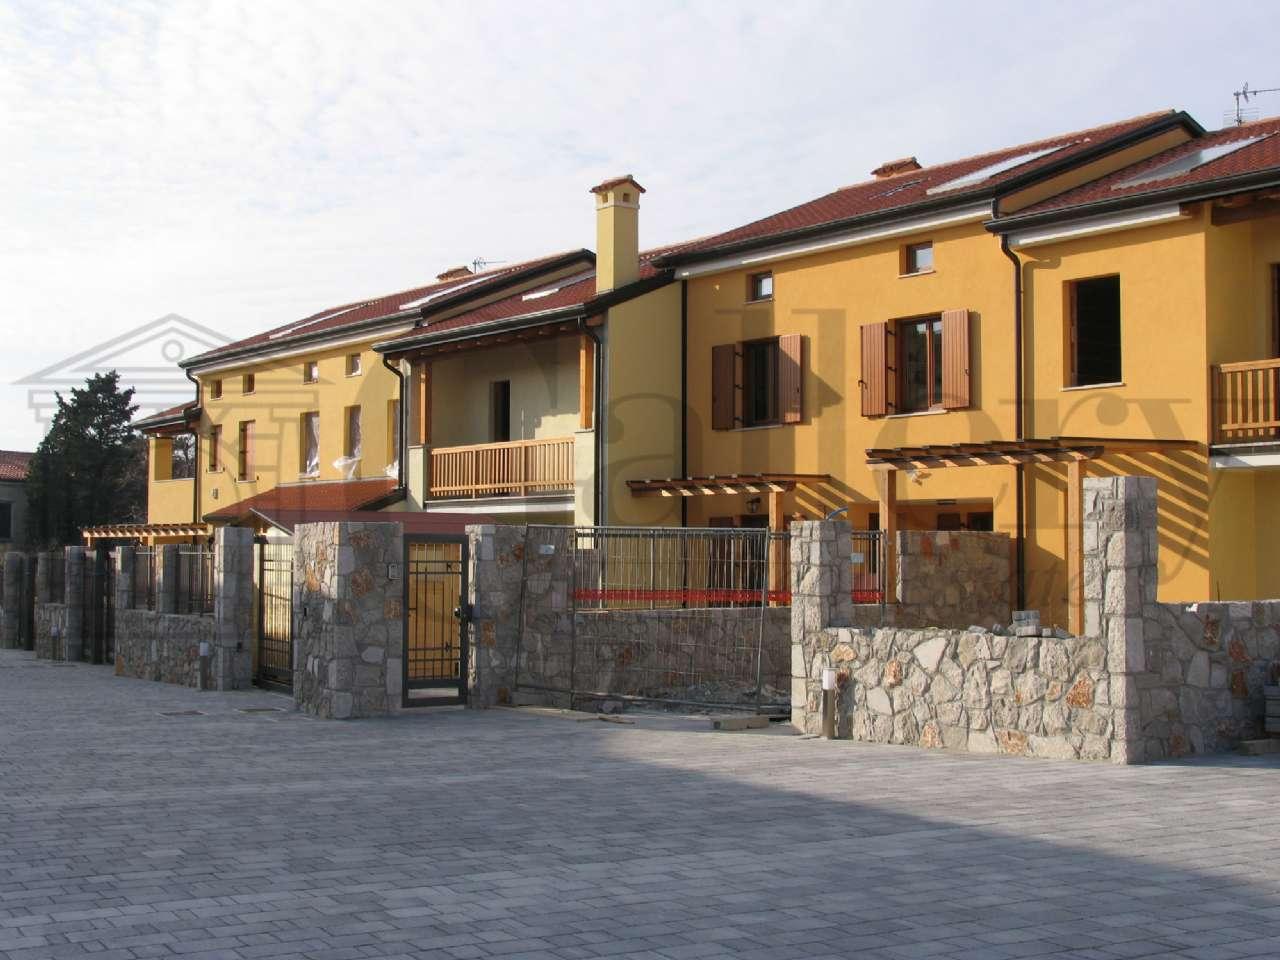 Basovizza vicinanze centro abitato, Nuovo appartamento in bifamiliare , foto 1